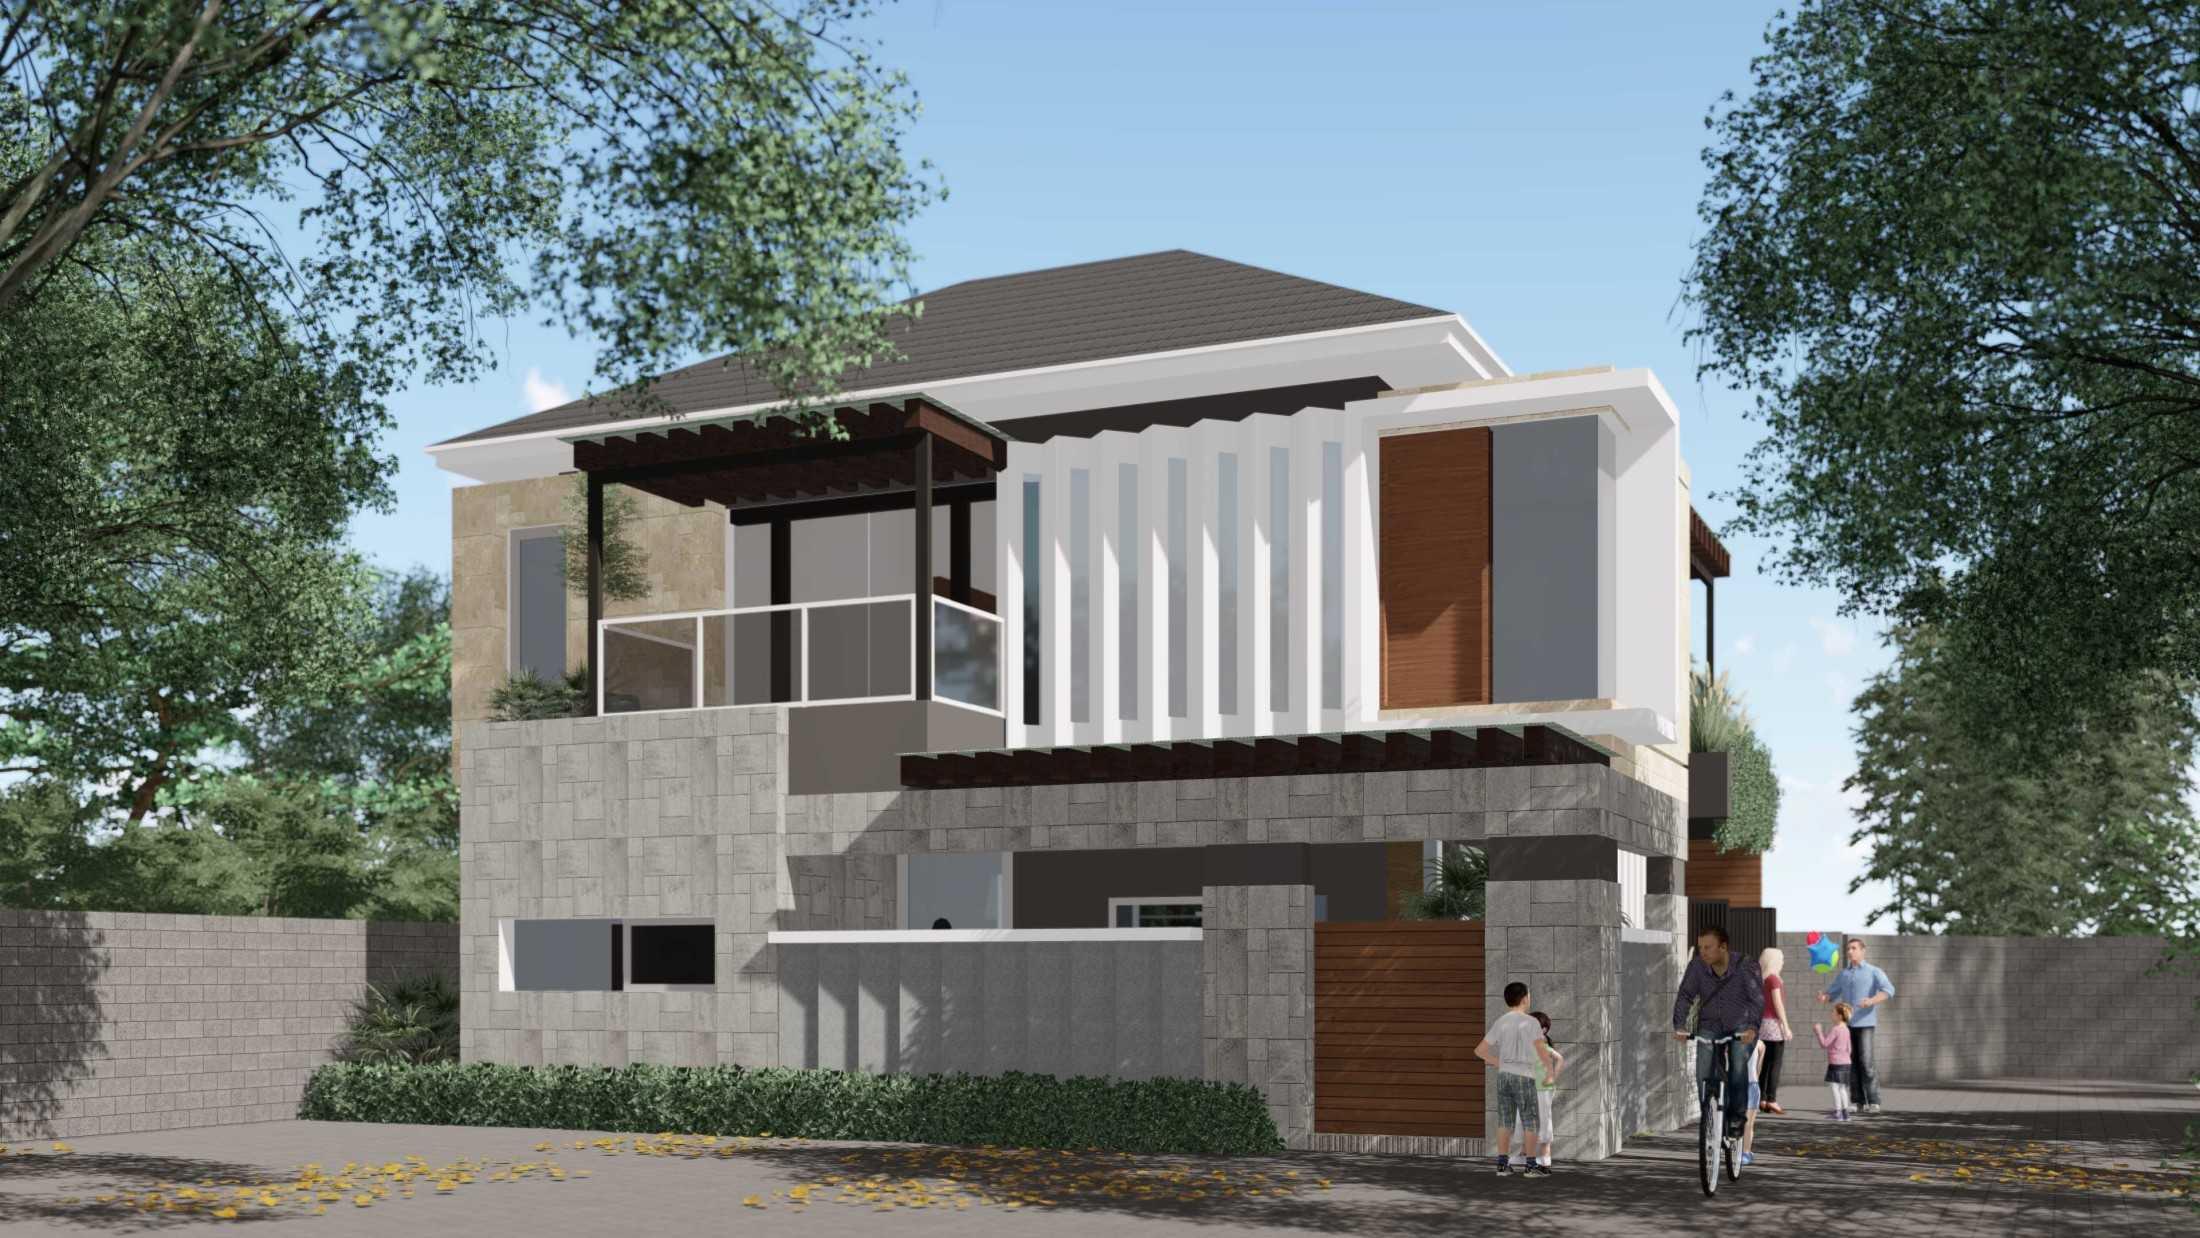 R+ Studio Rumah Y Salatiga Salatiga, Kota Salatiga, Jawa Tengah, Indonesia Salatiga, Kota Salatiga, Jawa Tengah, Indonesia R-Studio-Rumah-Y-Salatiga  84694